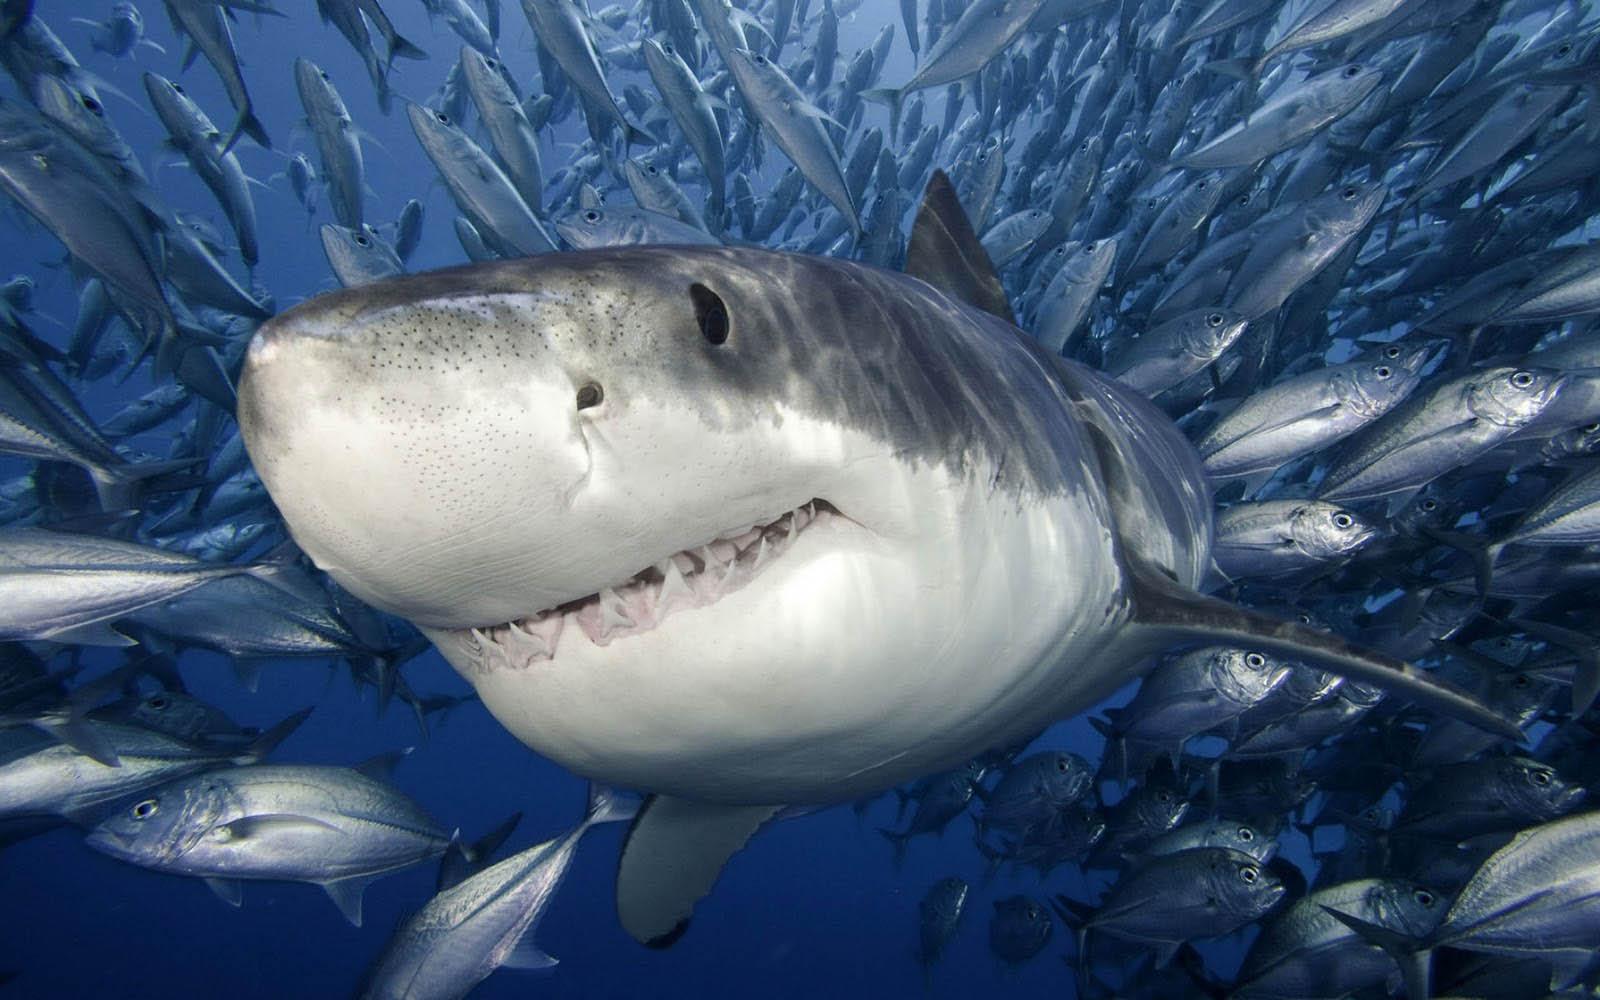 wallpaper Shark Wallpapers